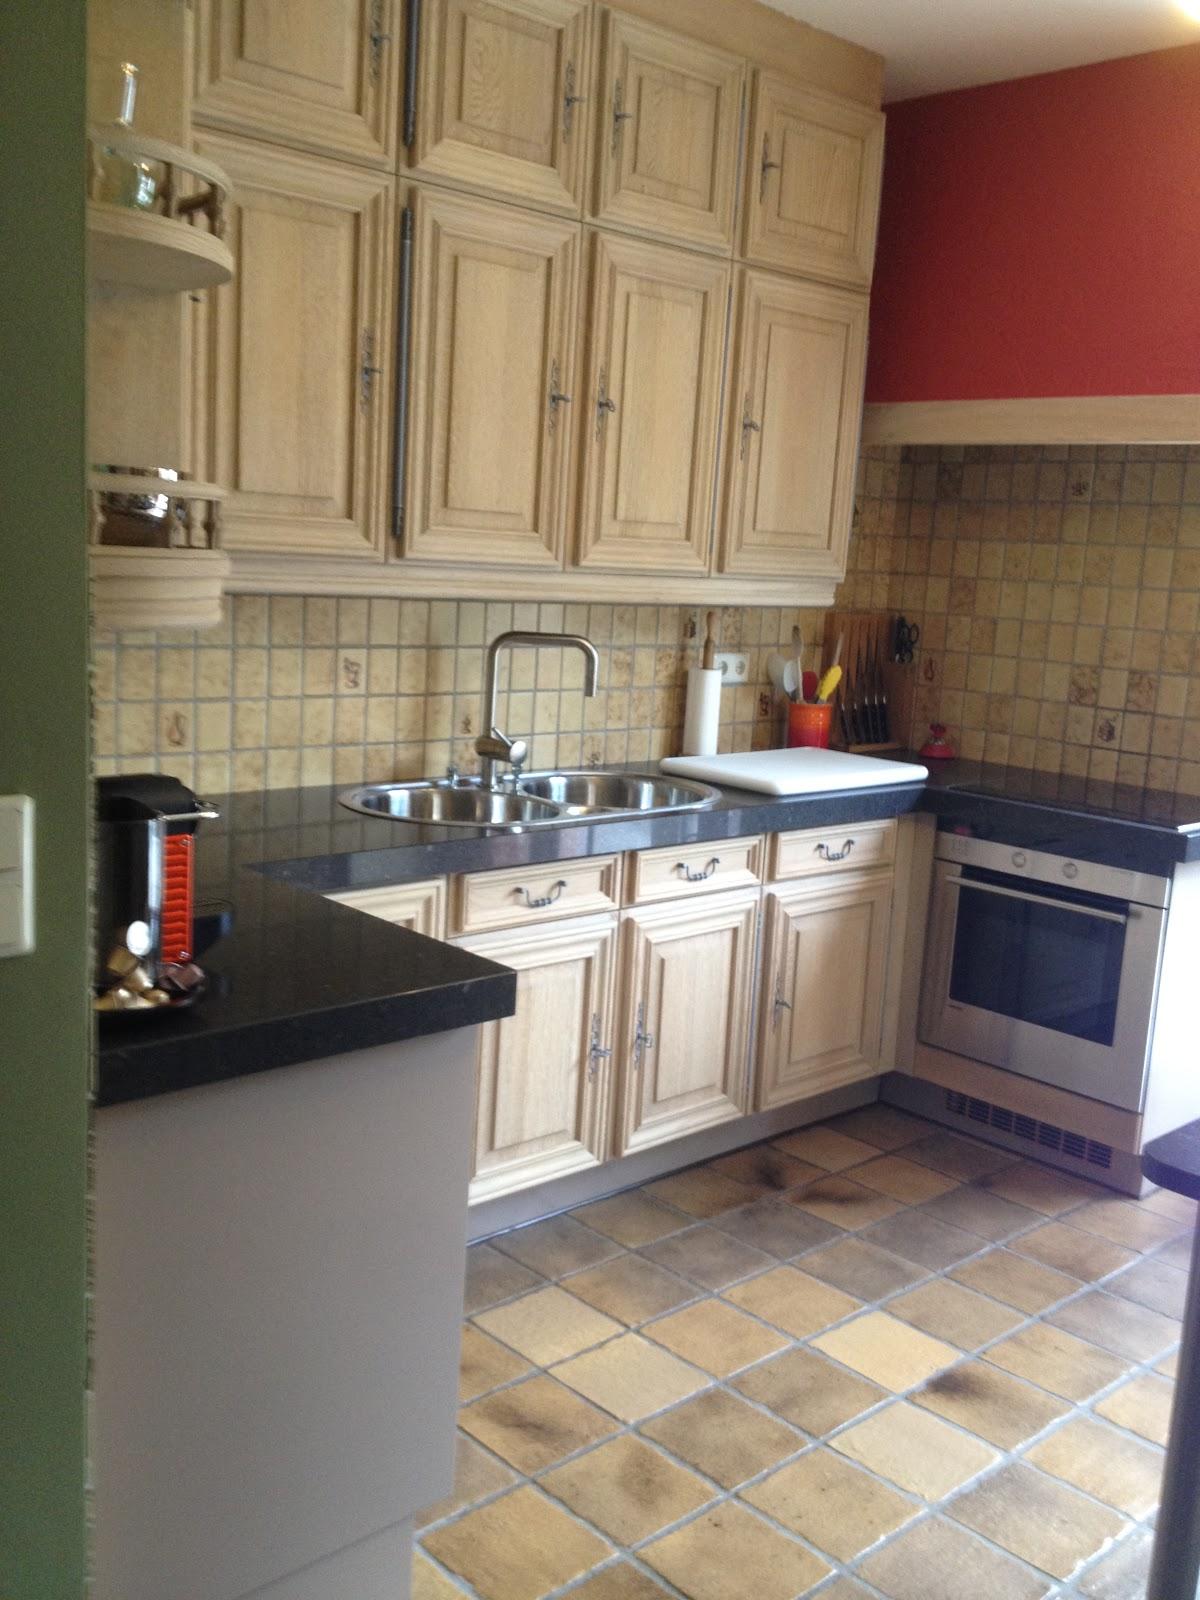 Keuken Laten Zandstralen : Zandstralen, vernieuwen, beitsen en vernissen van eiken keuken uit